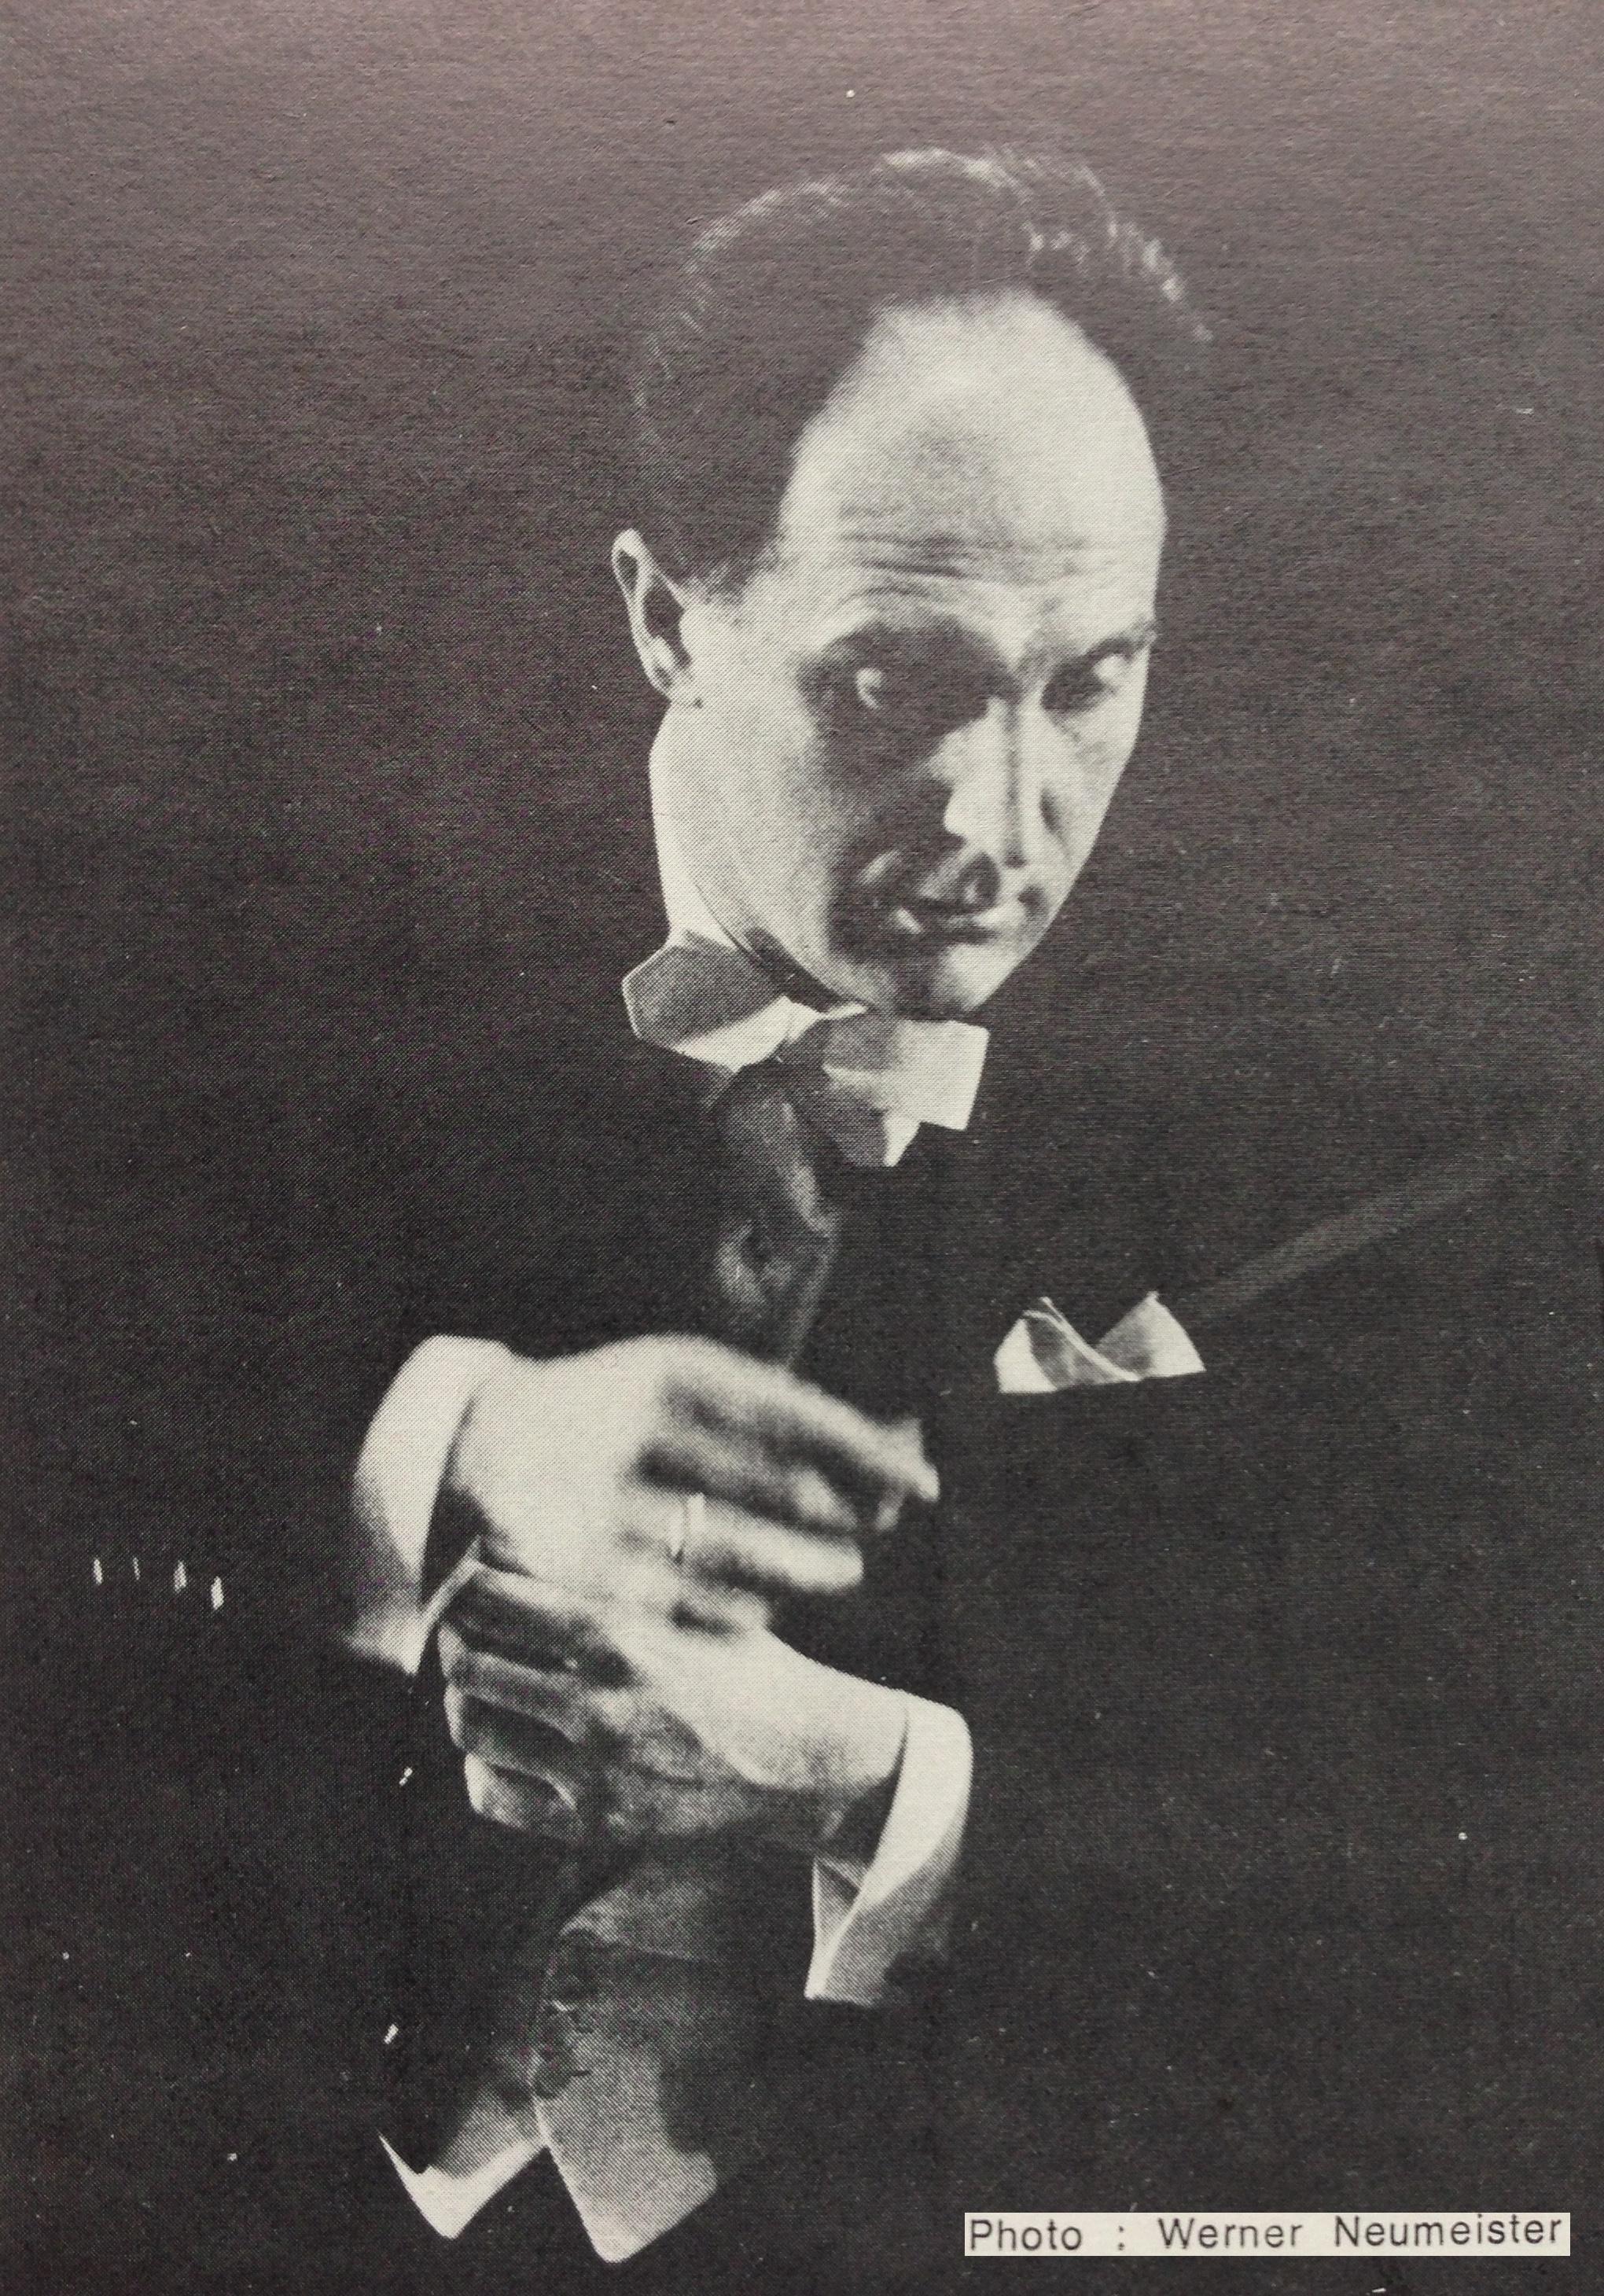 Pierre COLOMBO, un portrait fait par Werner NEUMEISTER, publié entre autres sur la pochette du disque SMS 2816, Cliquer sur la photo pour une vue agrandie